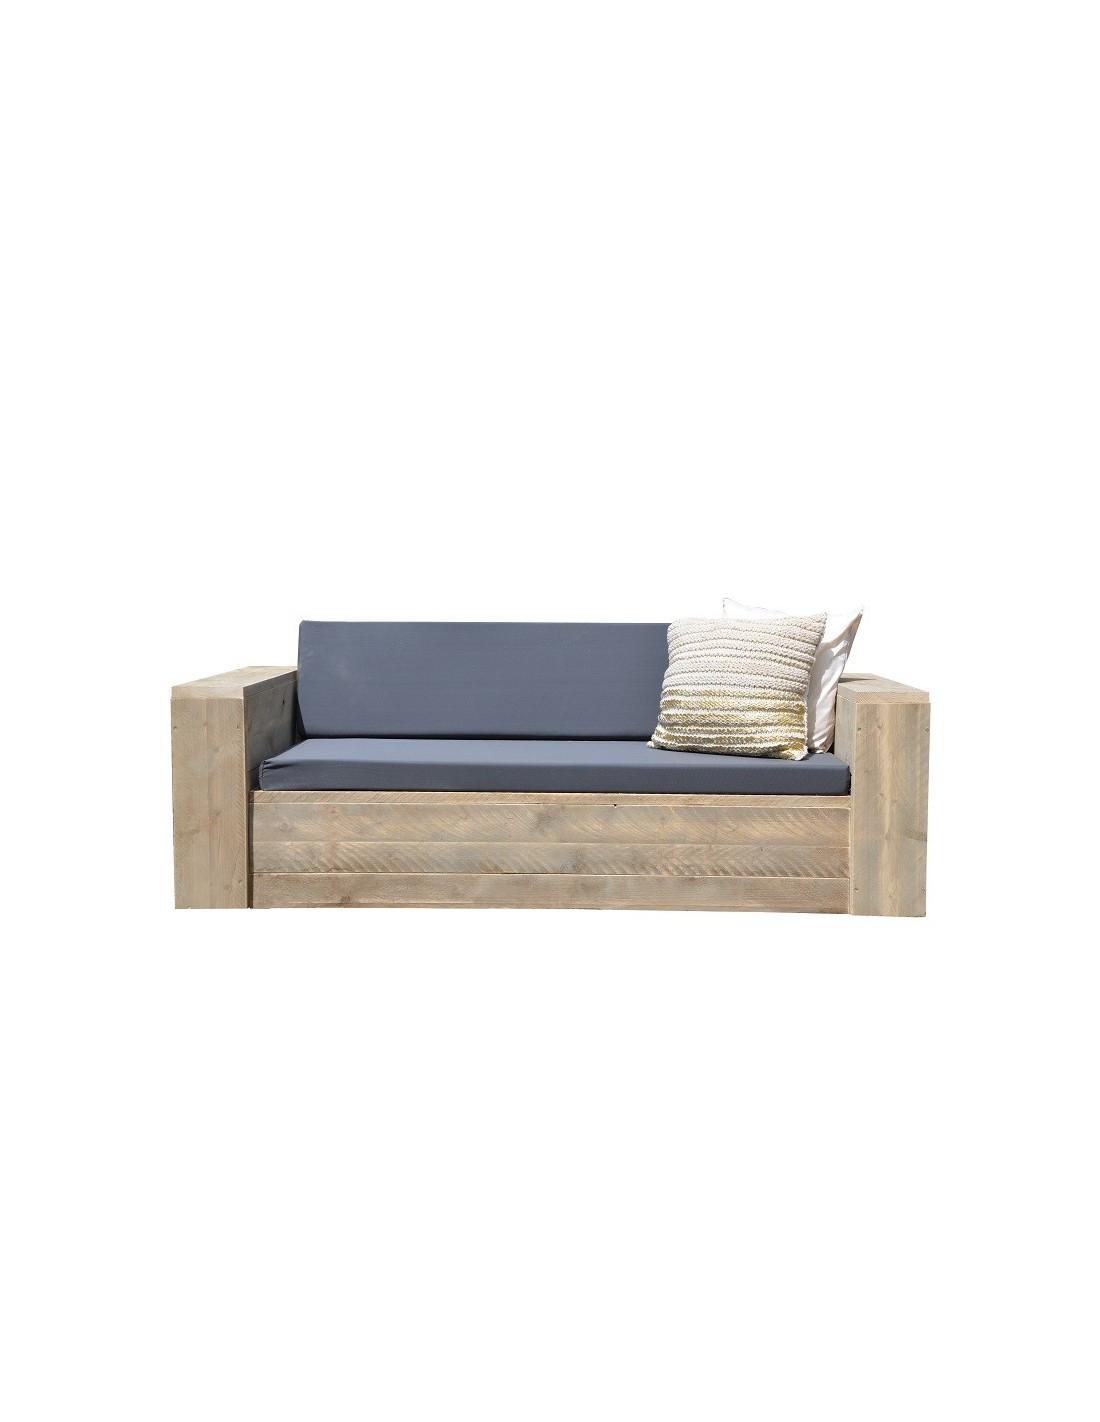 Industri le tafel met steigerhouten blad sanderswoodworks - Tafel met chevet ...